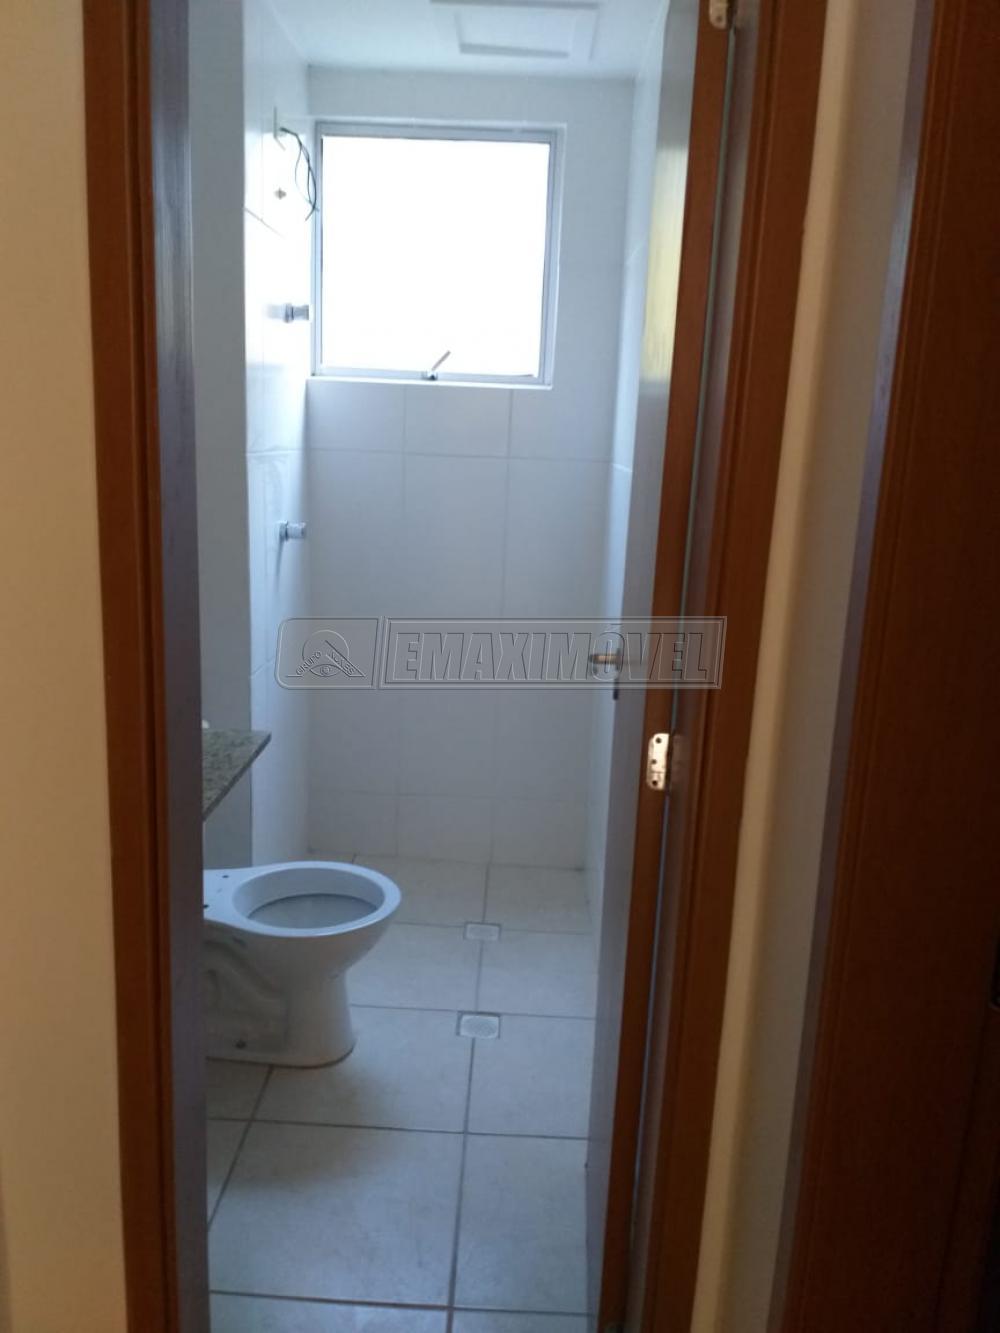 Comprar Apartamento / Padrão em Sorocaba R$ 180.000,00 - Foto 8